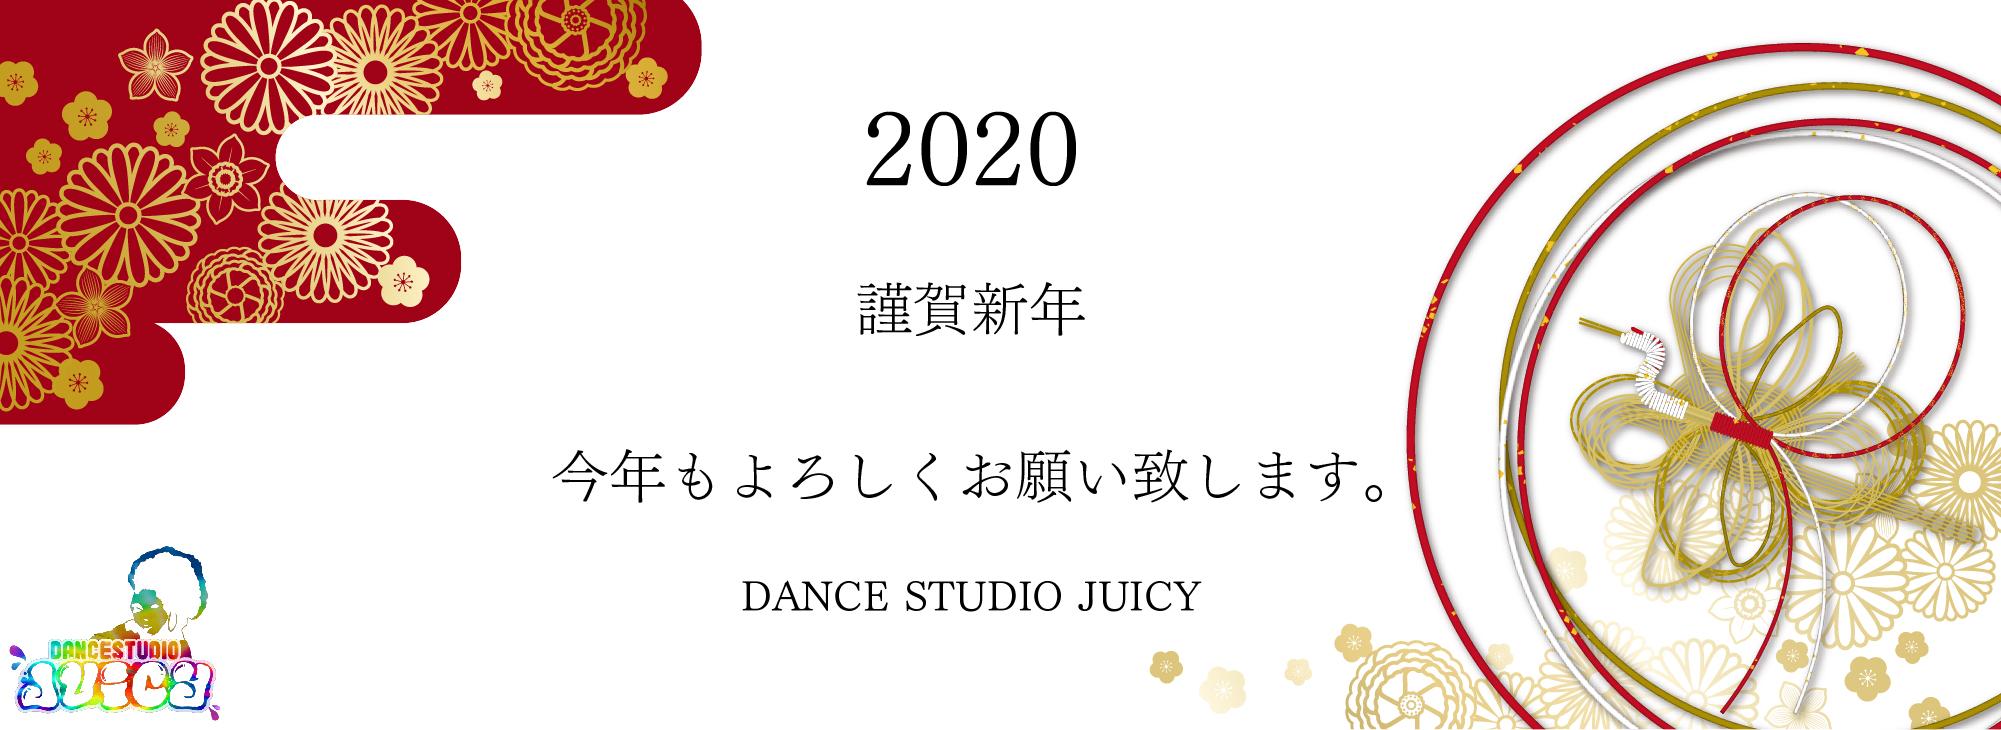 札幌 ダンススタジオジューシー   DANCE STUDIO JUICY SAPPORO